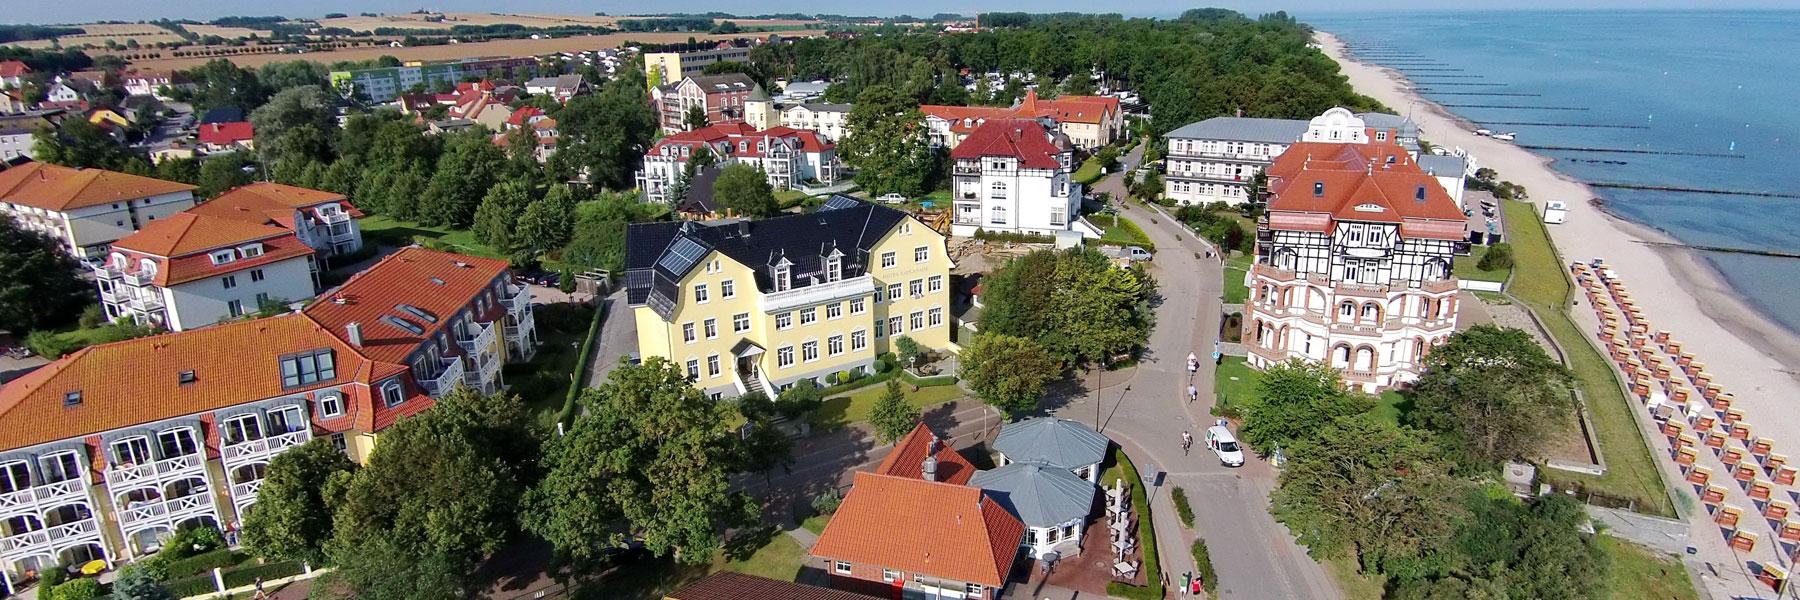 Garni Hotel Rostock